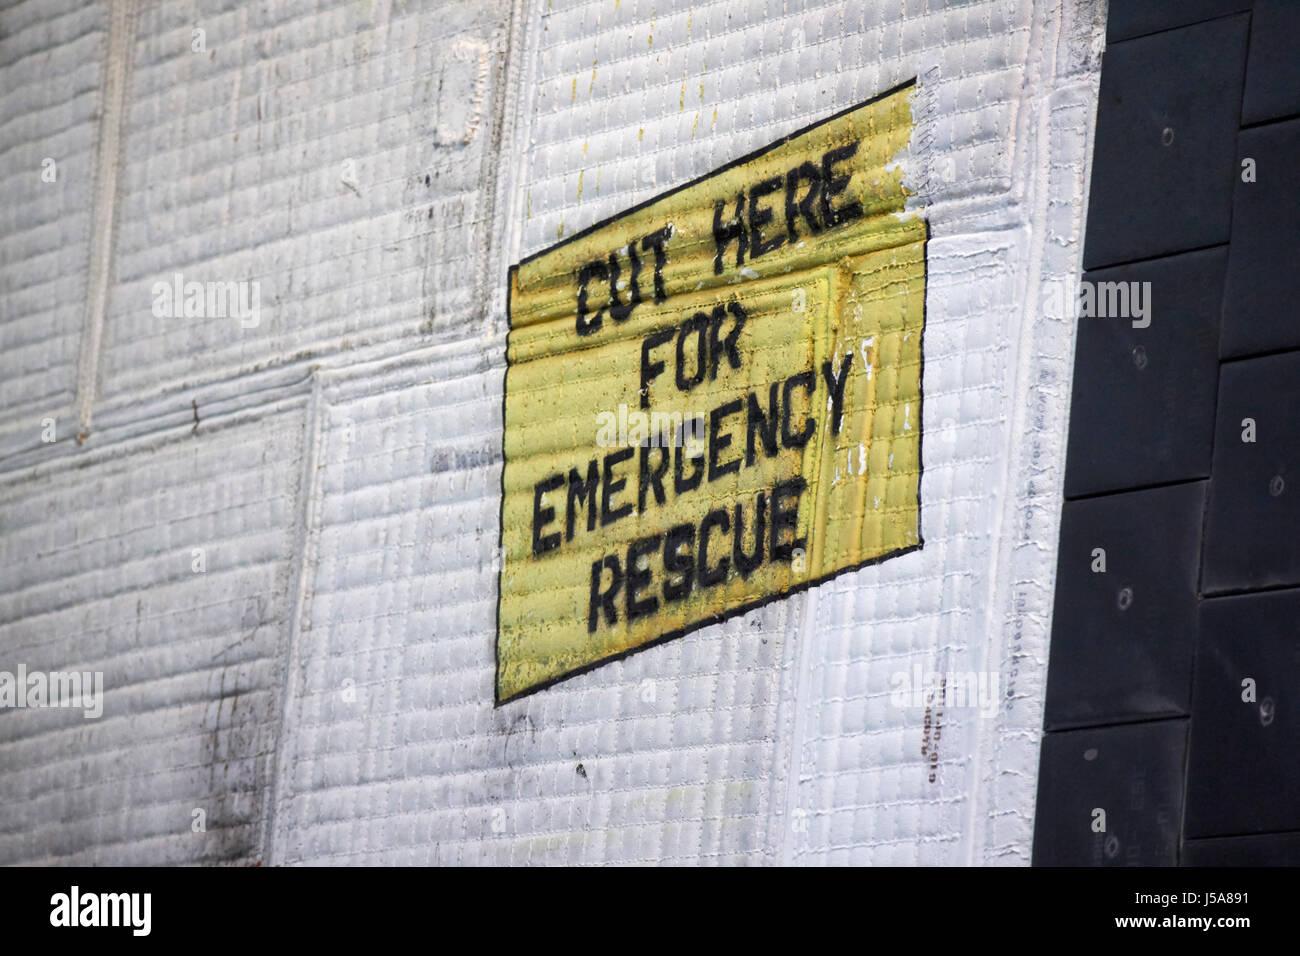 Tagliare qui soccorso in caso di emergenza segno sul flessibile di